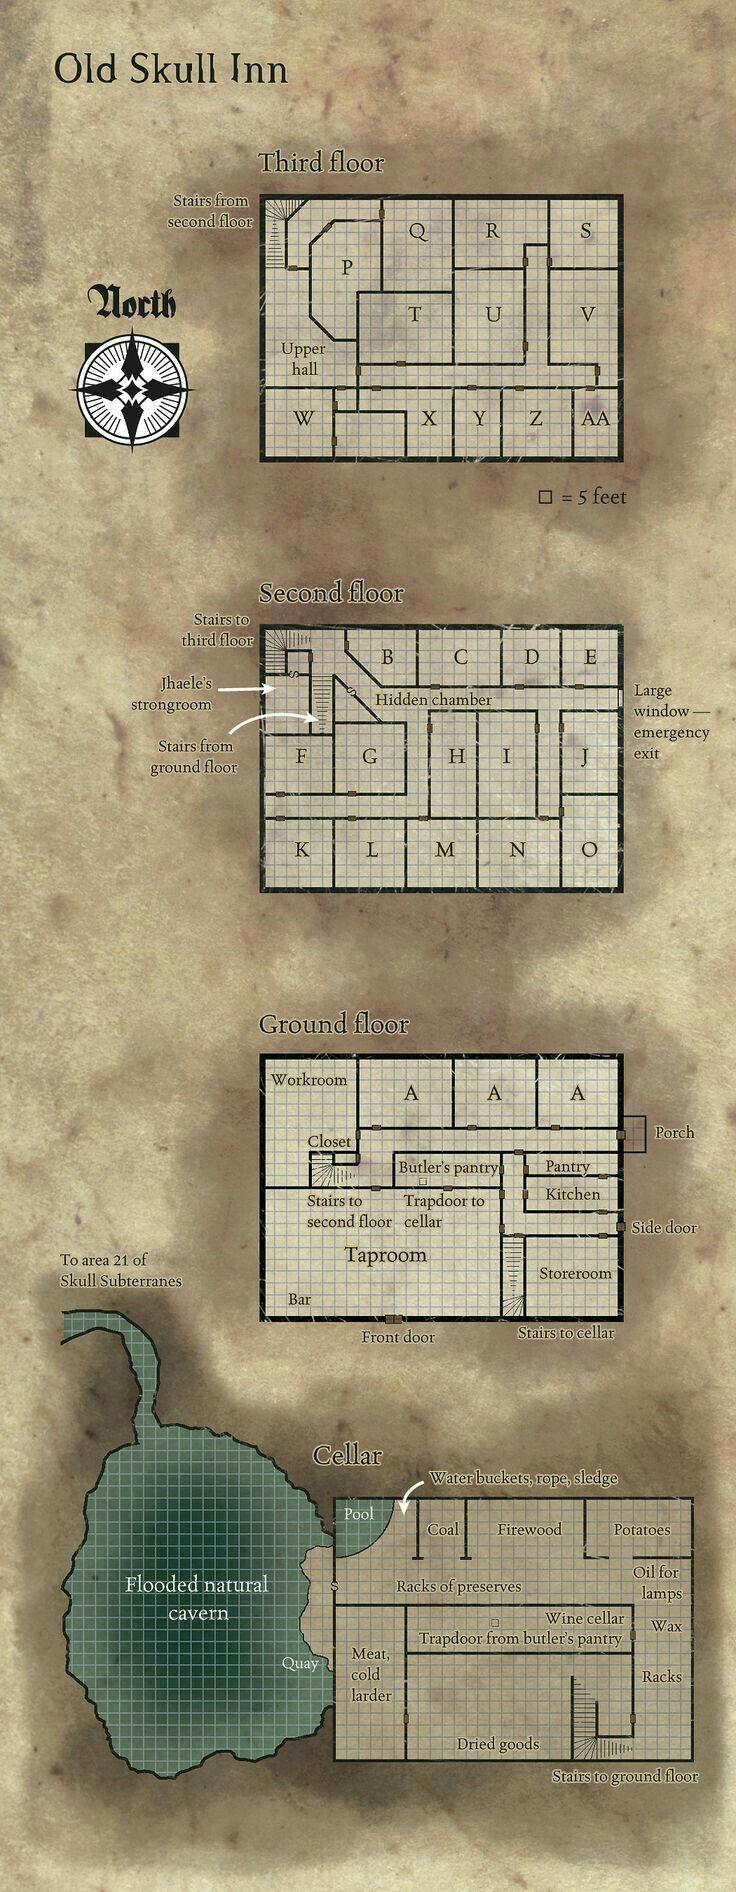 Old Skull Inn Floor plan 95 best